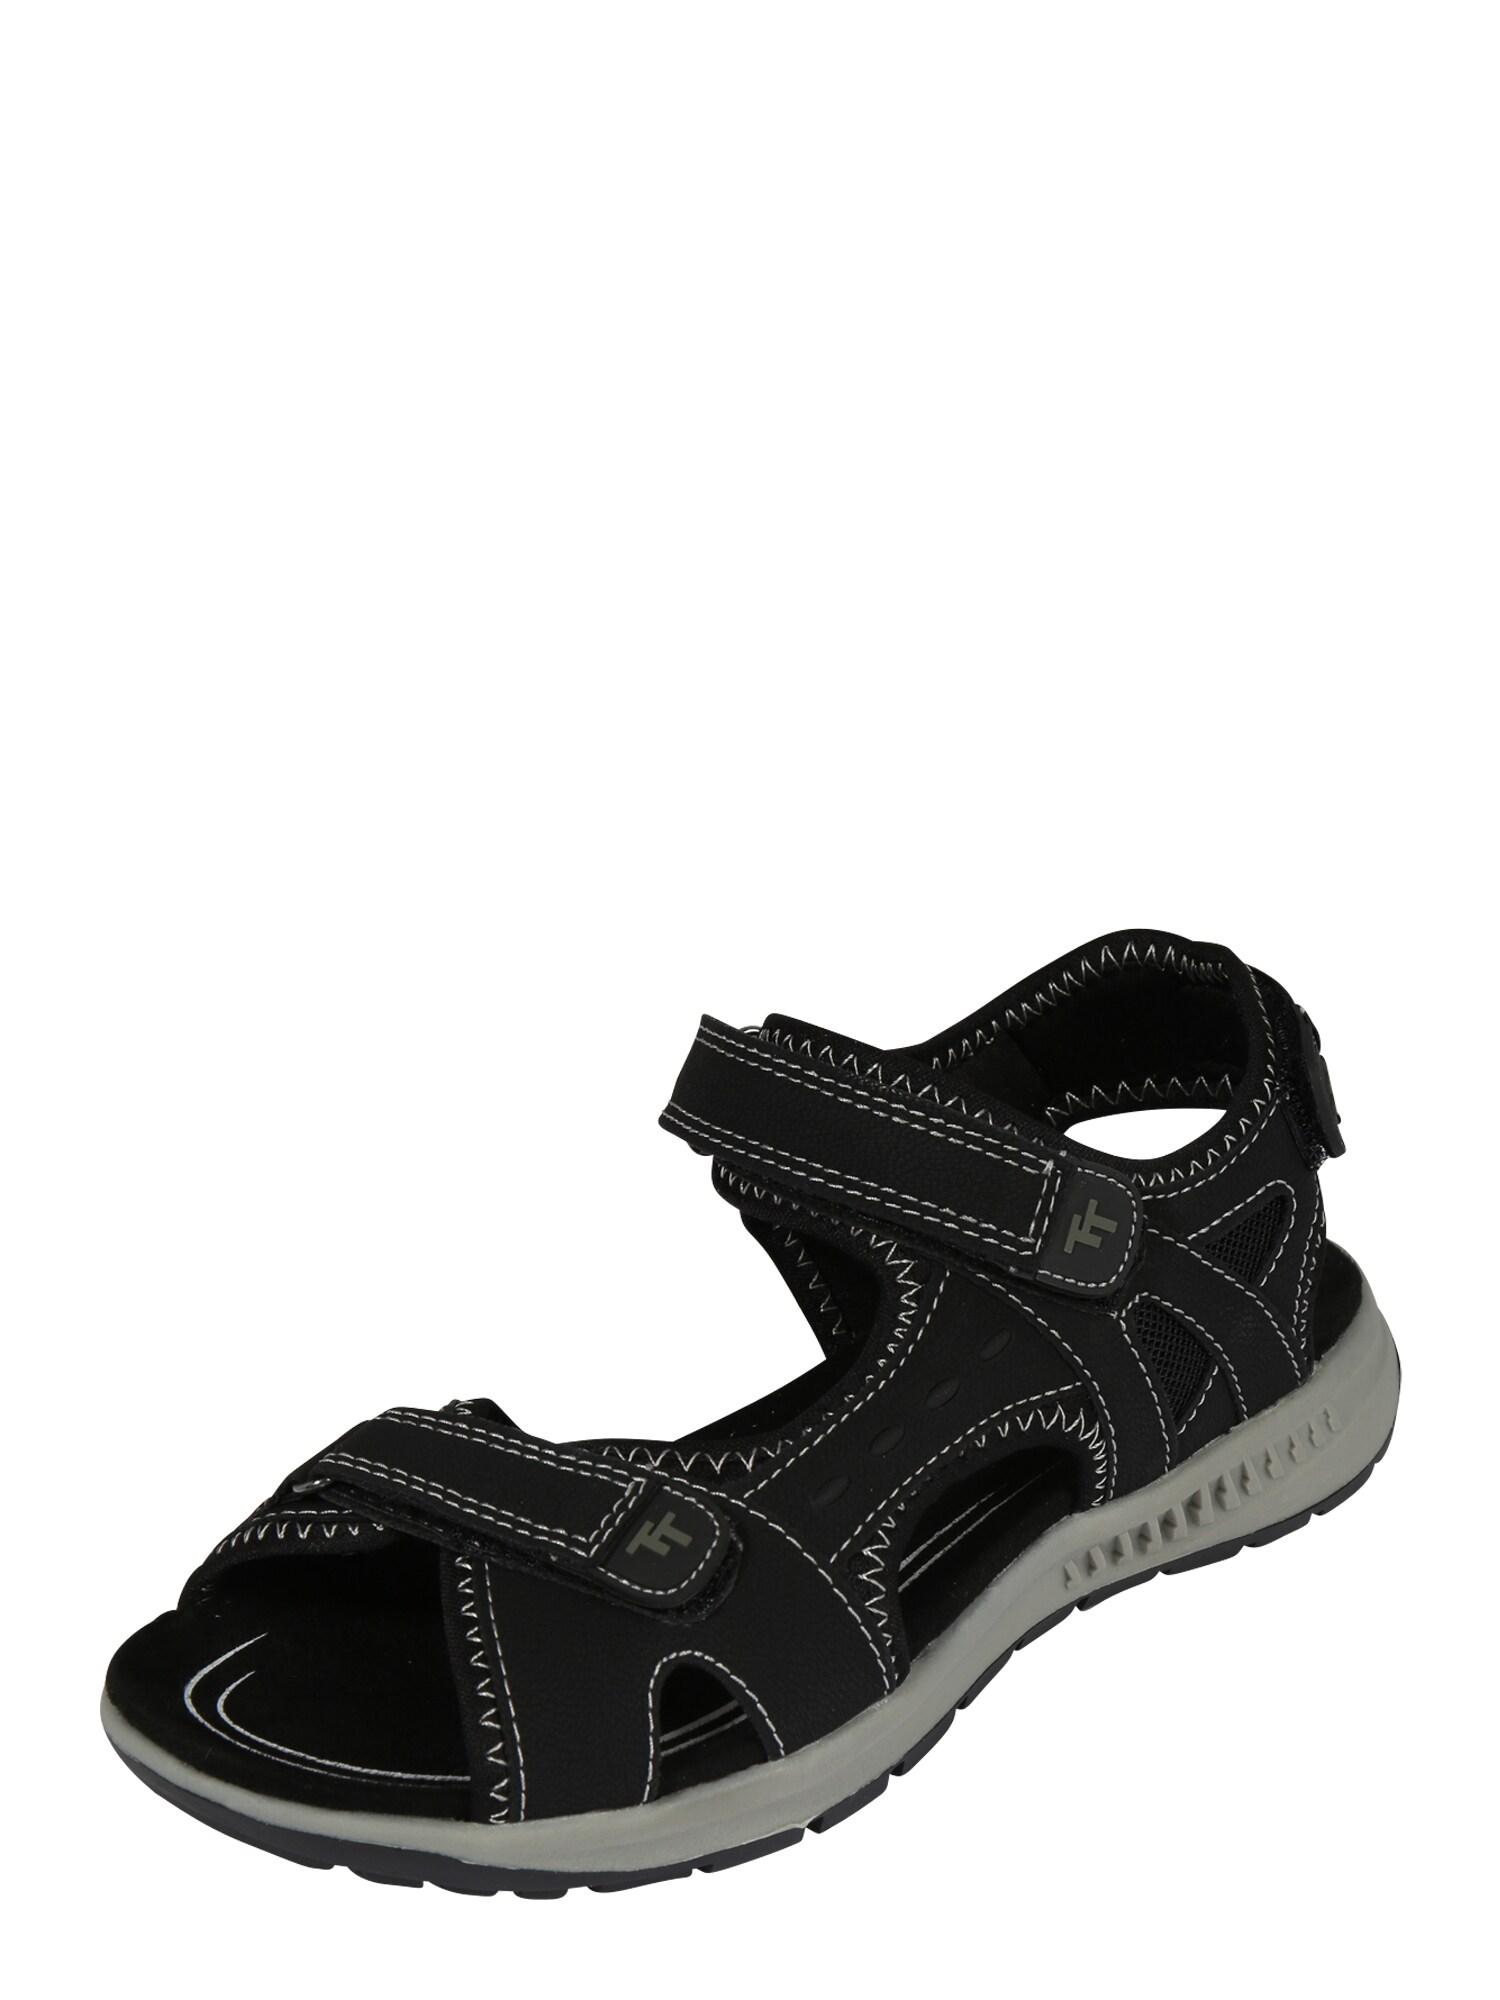 TOM TAILOR Sportinio tipo sandalai juoda / balta